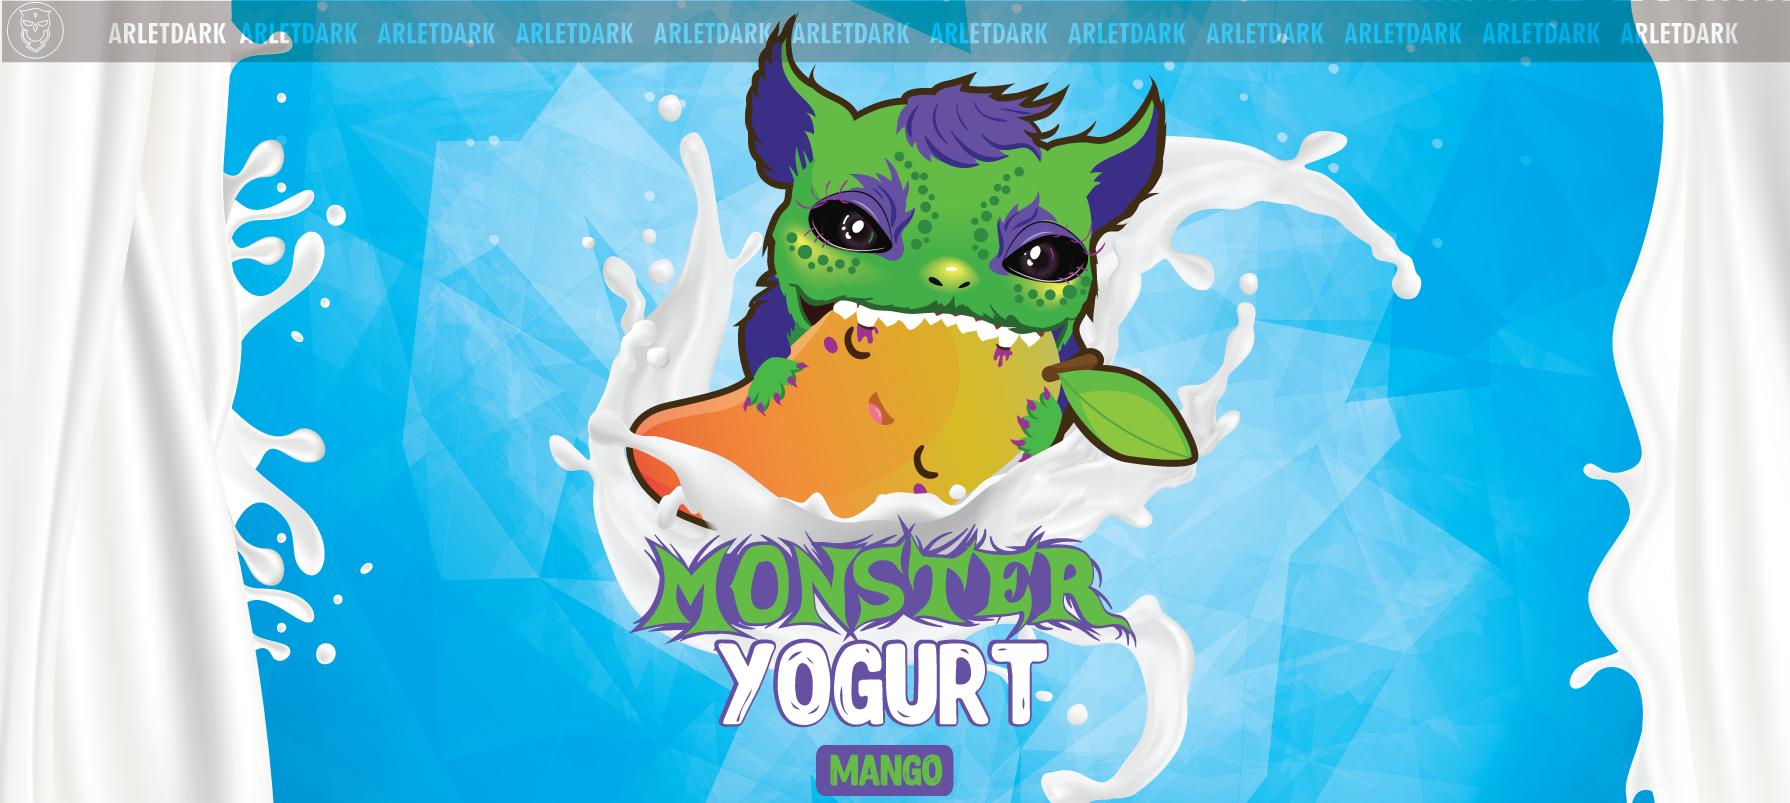 Monster yogurt mango